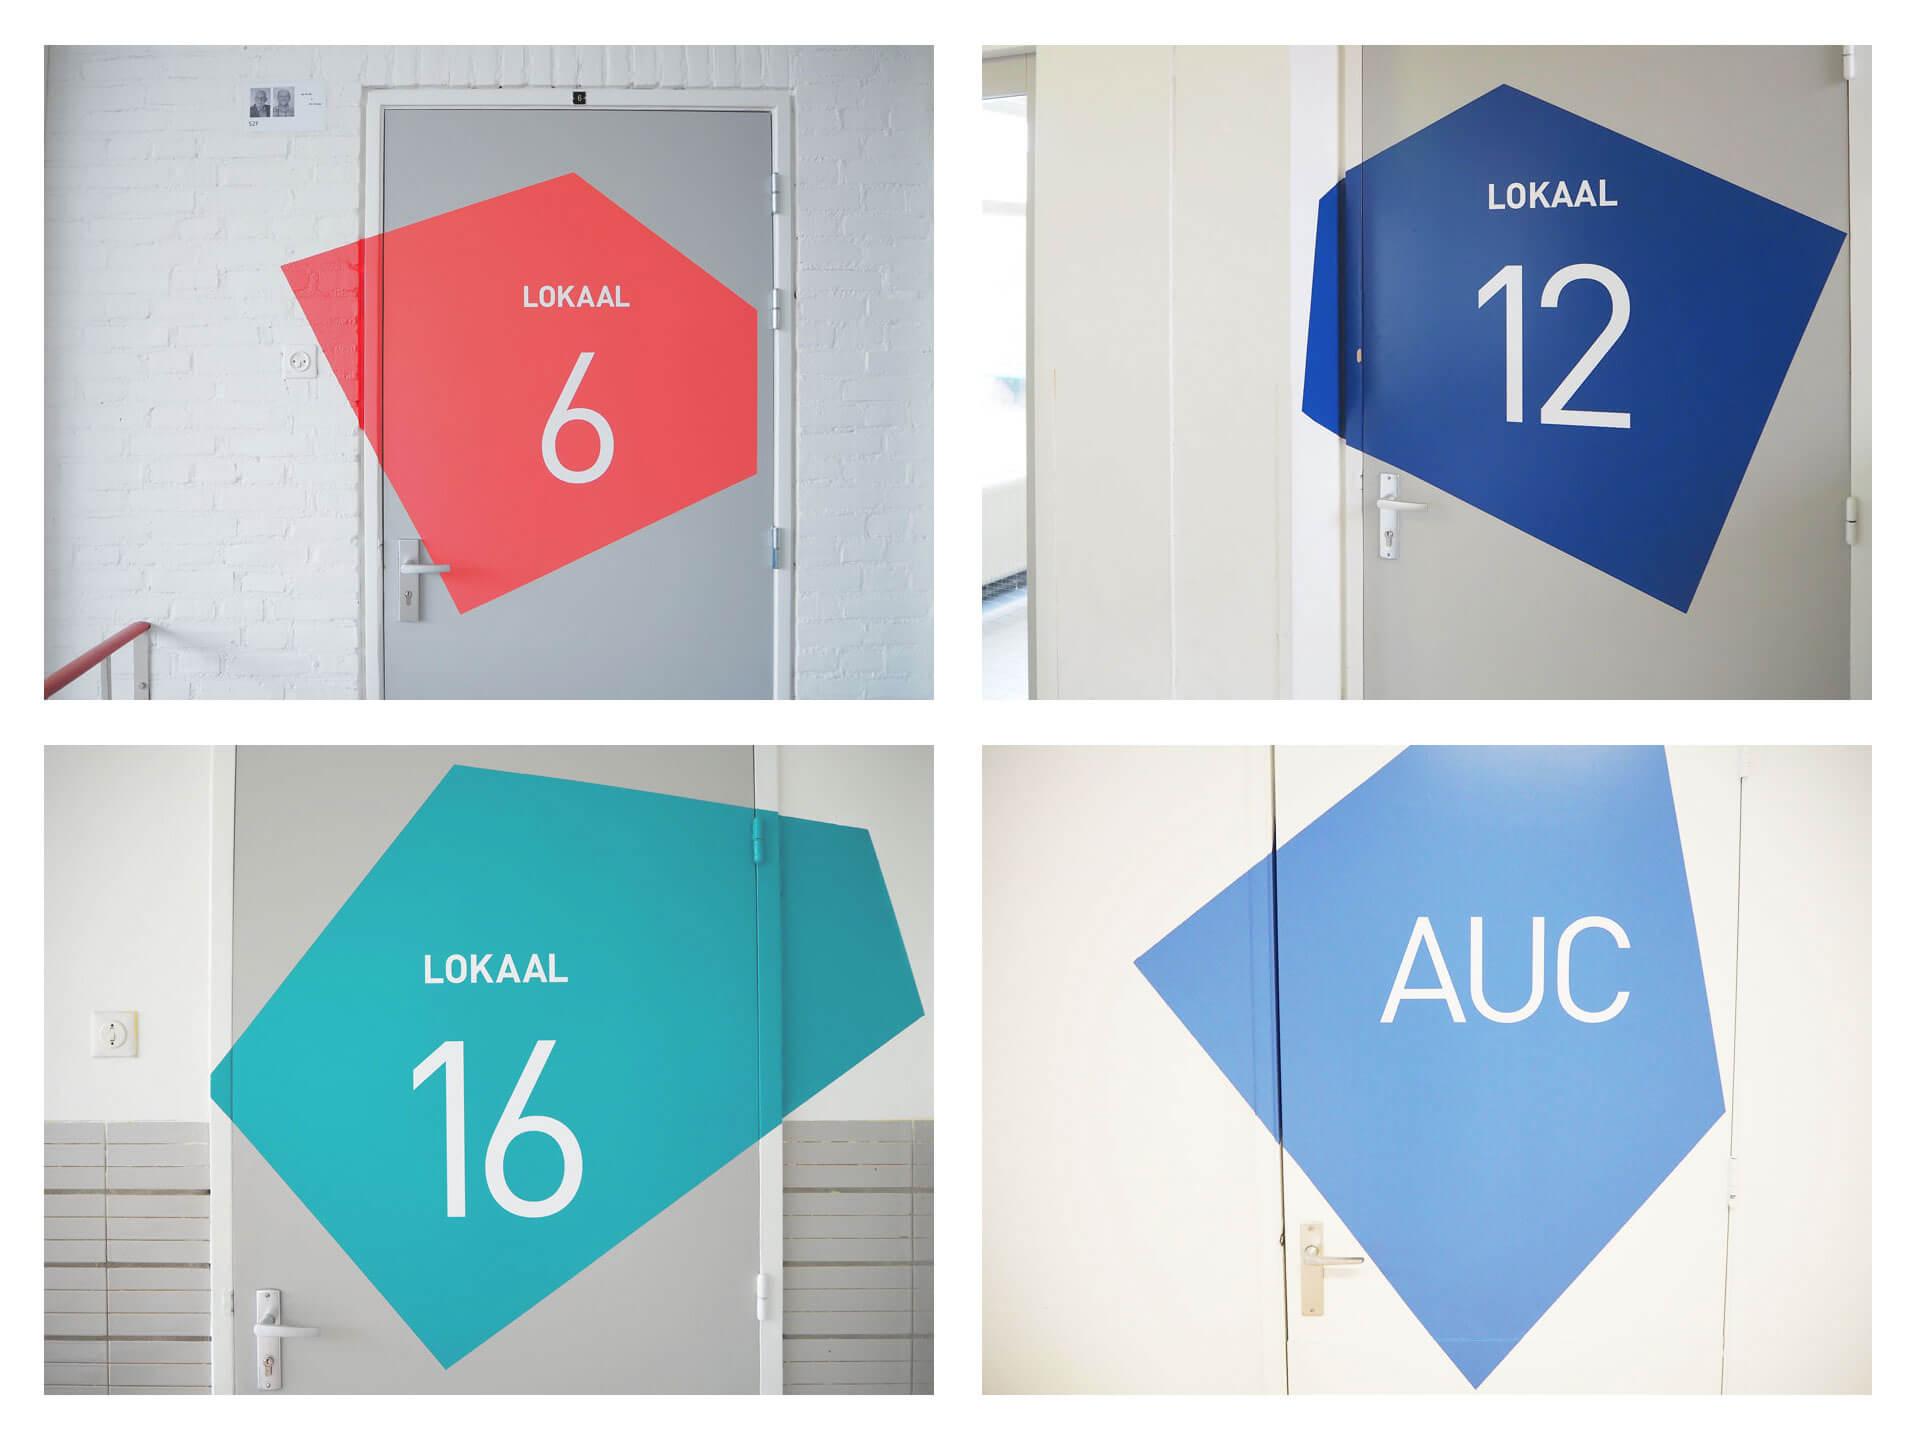 veelzijdig-passend-onderwijs-vertaling-naar-kleurvlakken-interieruconcept-door-INinterieurs-vijfhoeken-4b